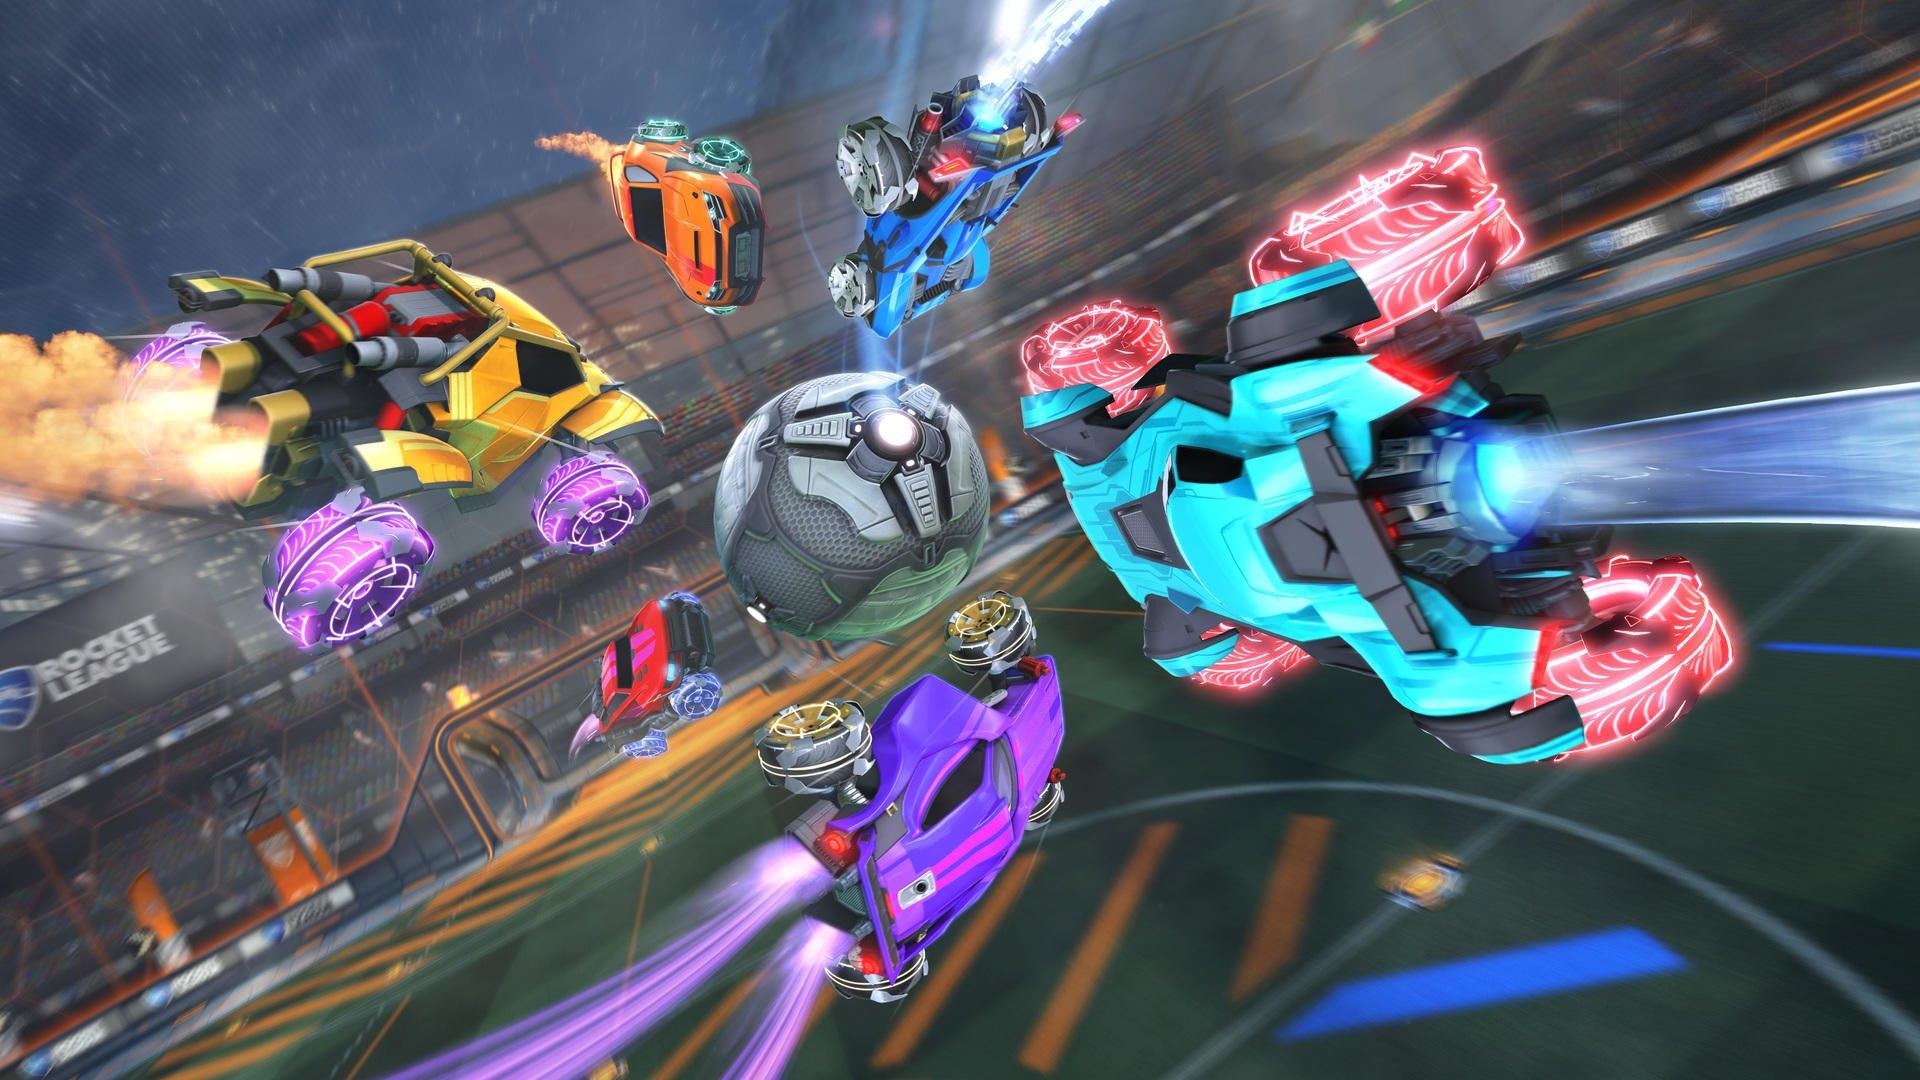 Get ready for the new Heatseeker mode in Rocket League